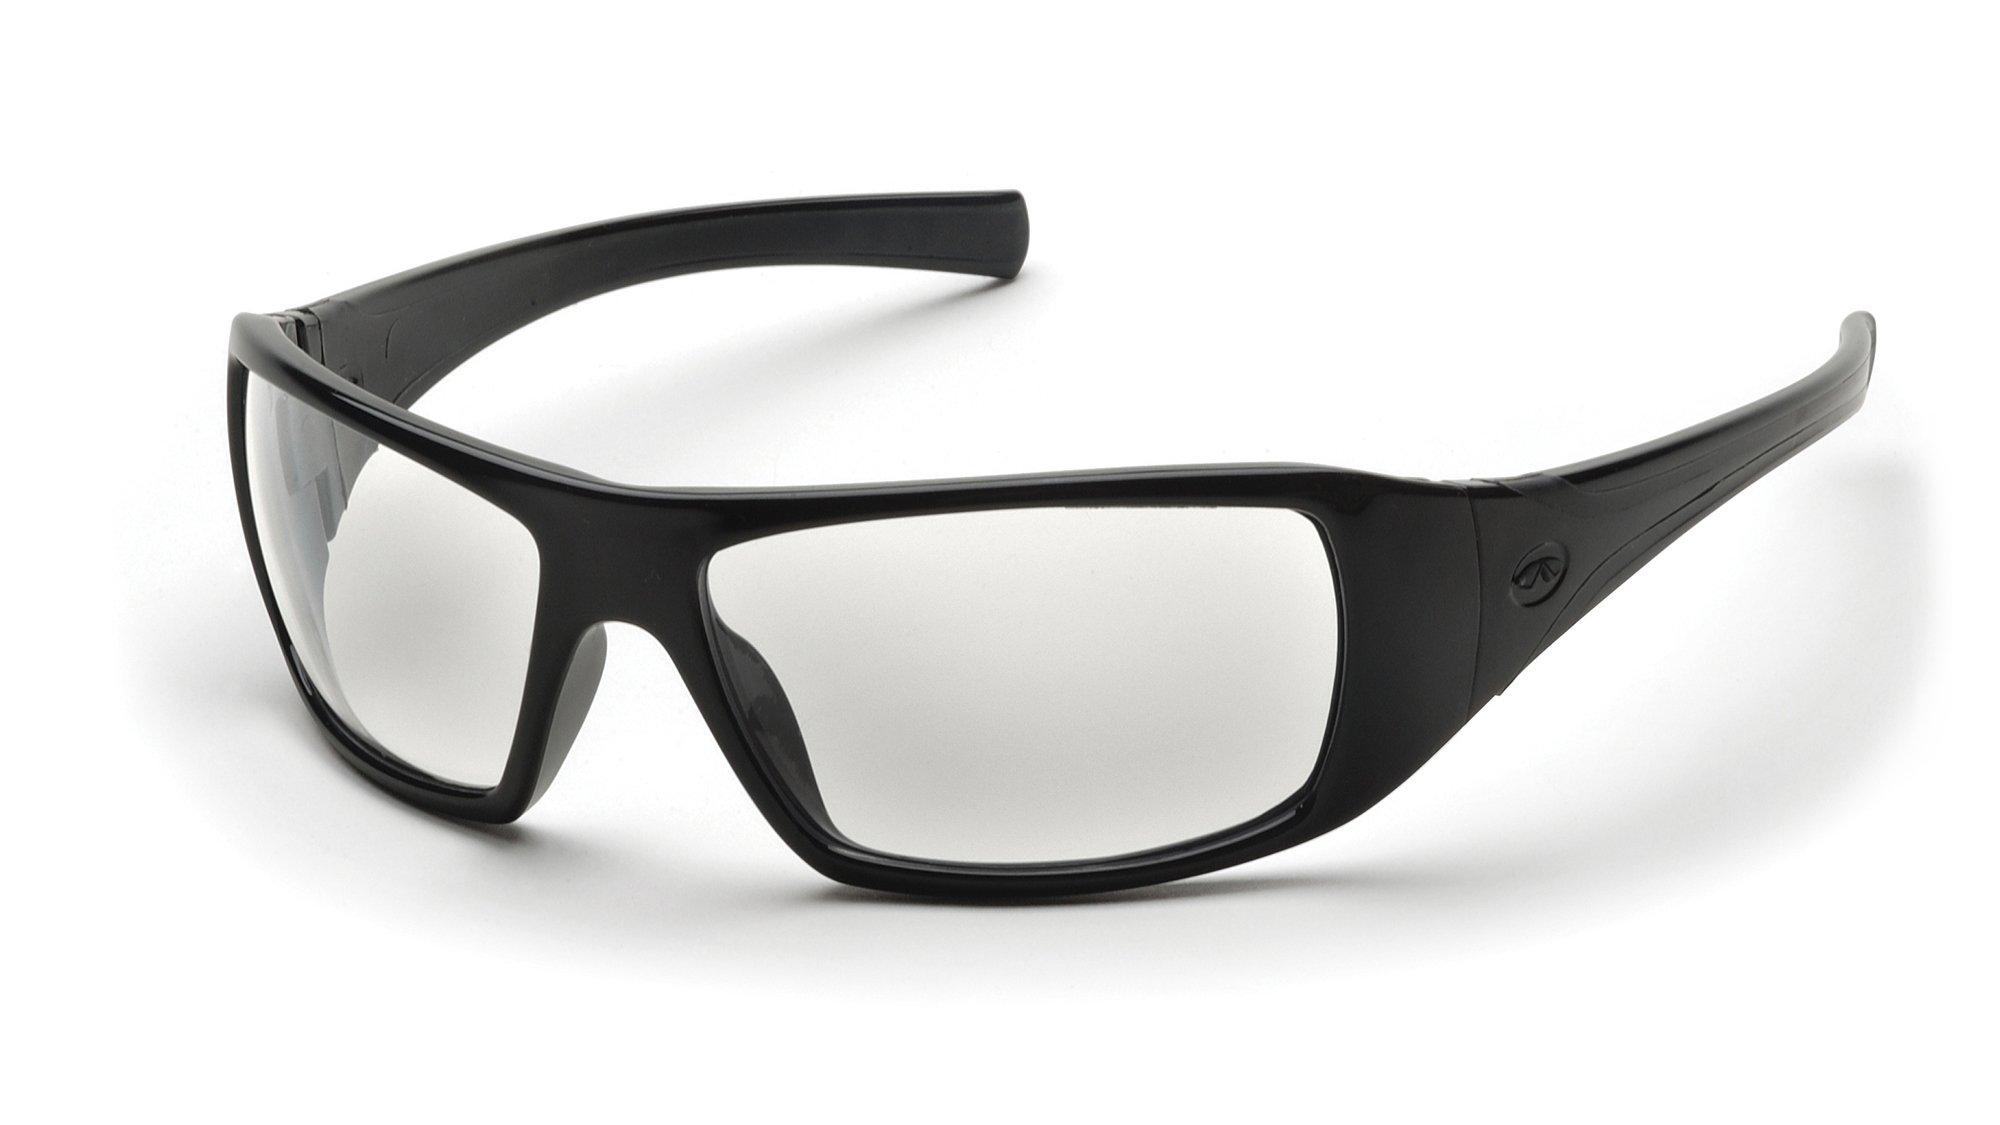 Pyramex Goliath Safety Eyewear, Black Frame, Clear Anti-Fog Lens